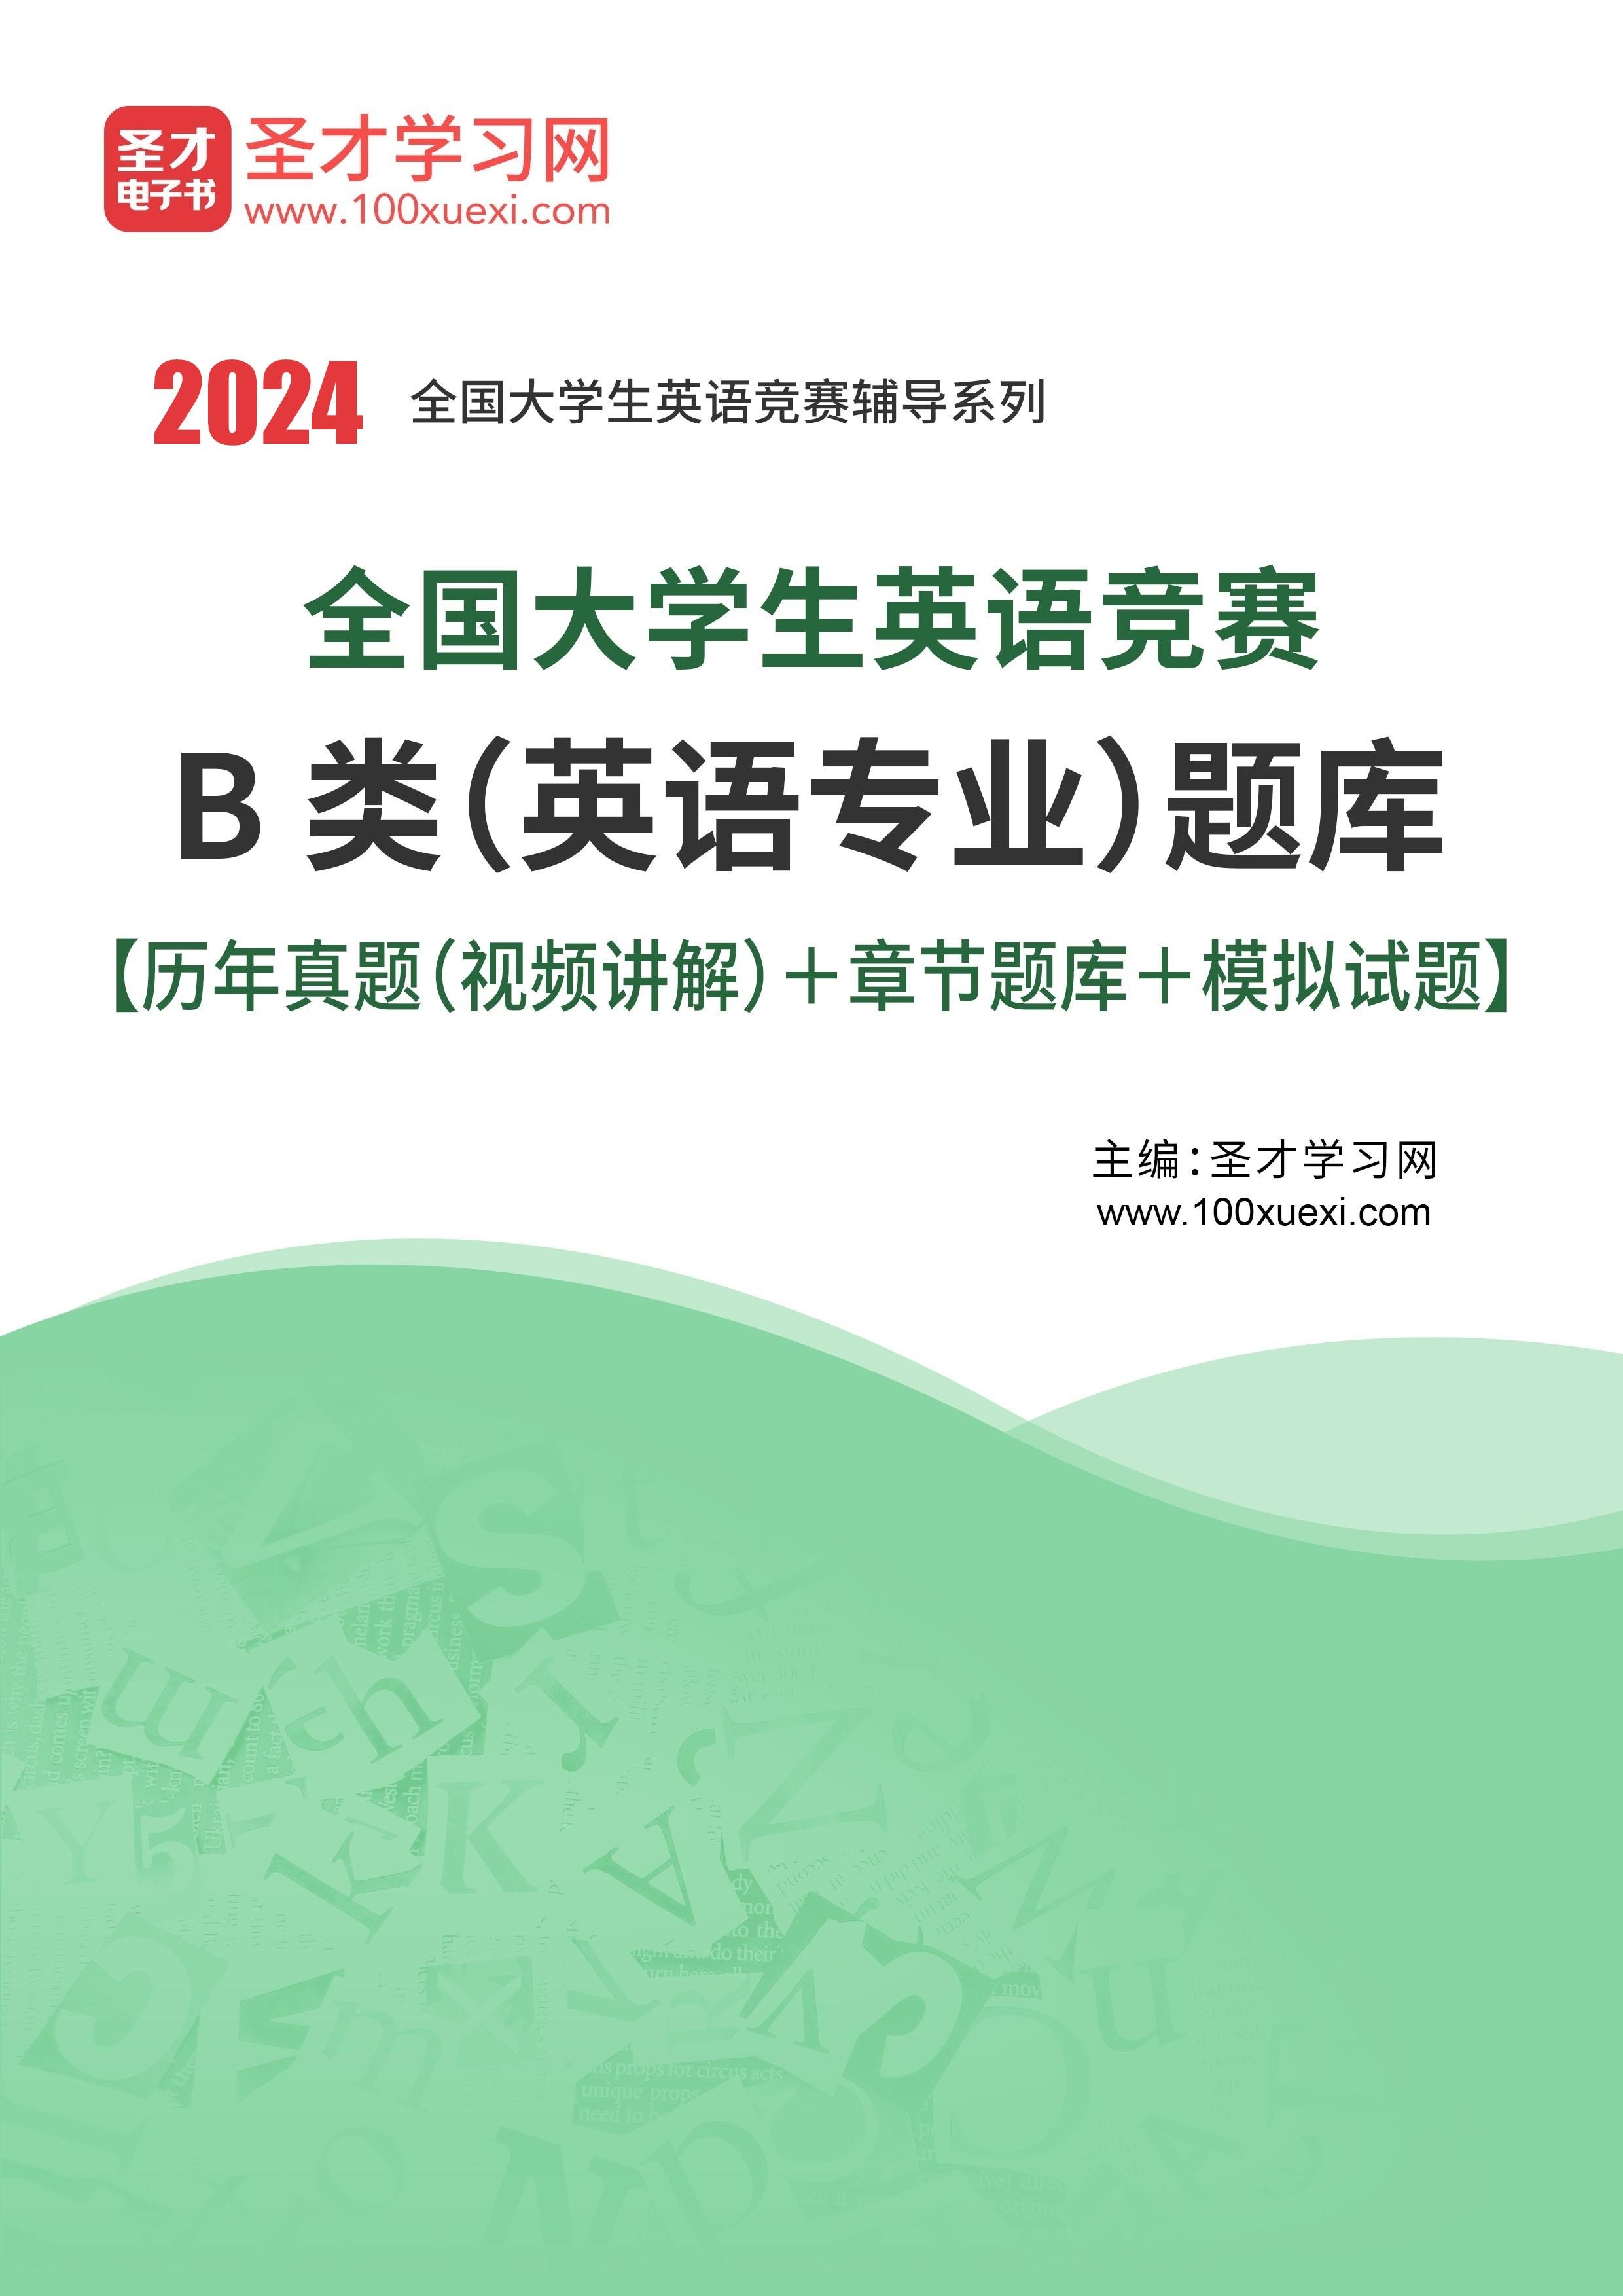 2021年全國大學生英語競賽B類(英語專業)題庫【歷年真題(視頻講解)+章節題庫+模擬試題】